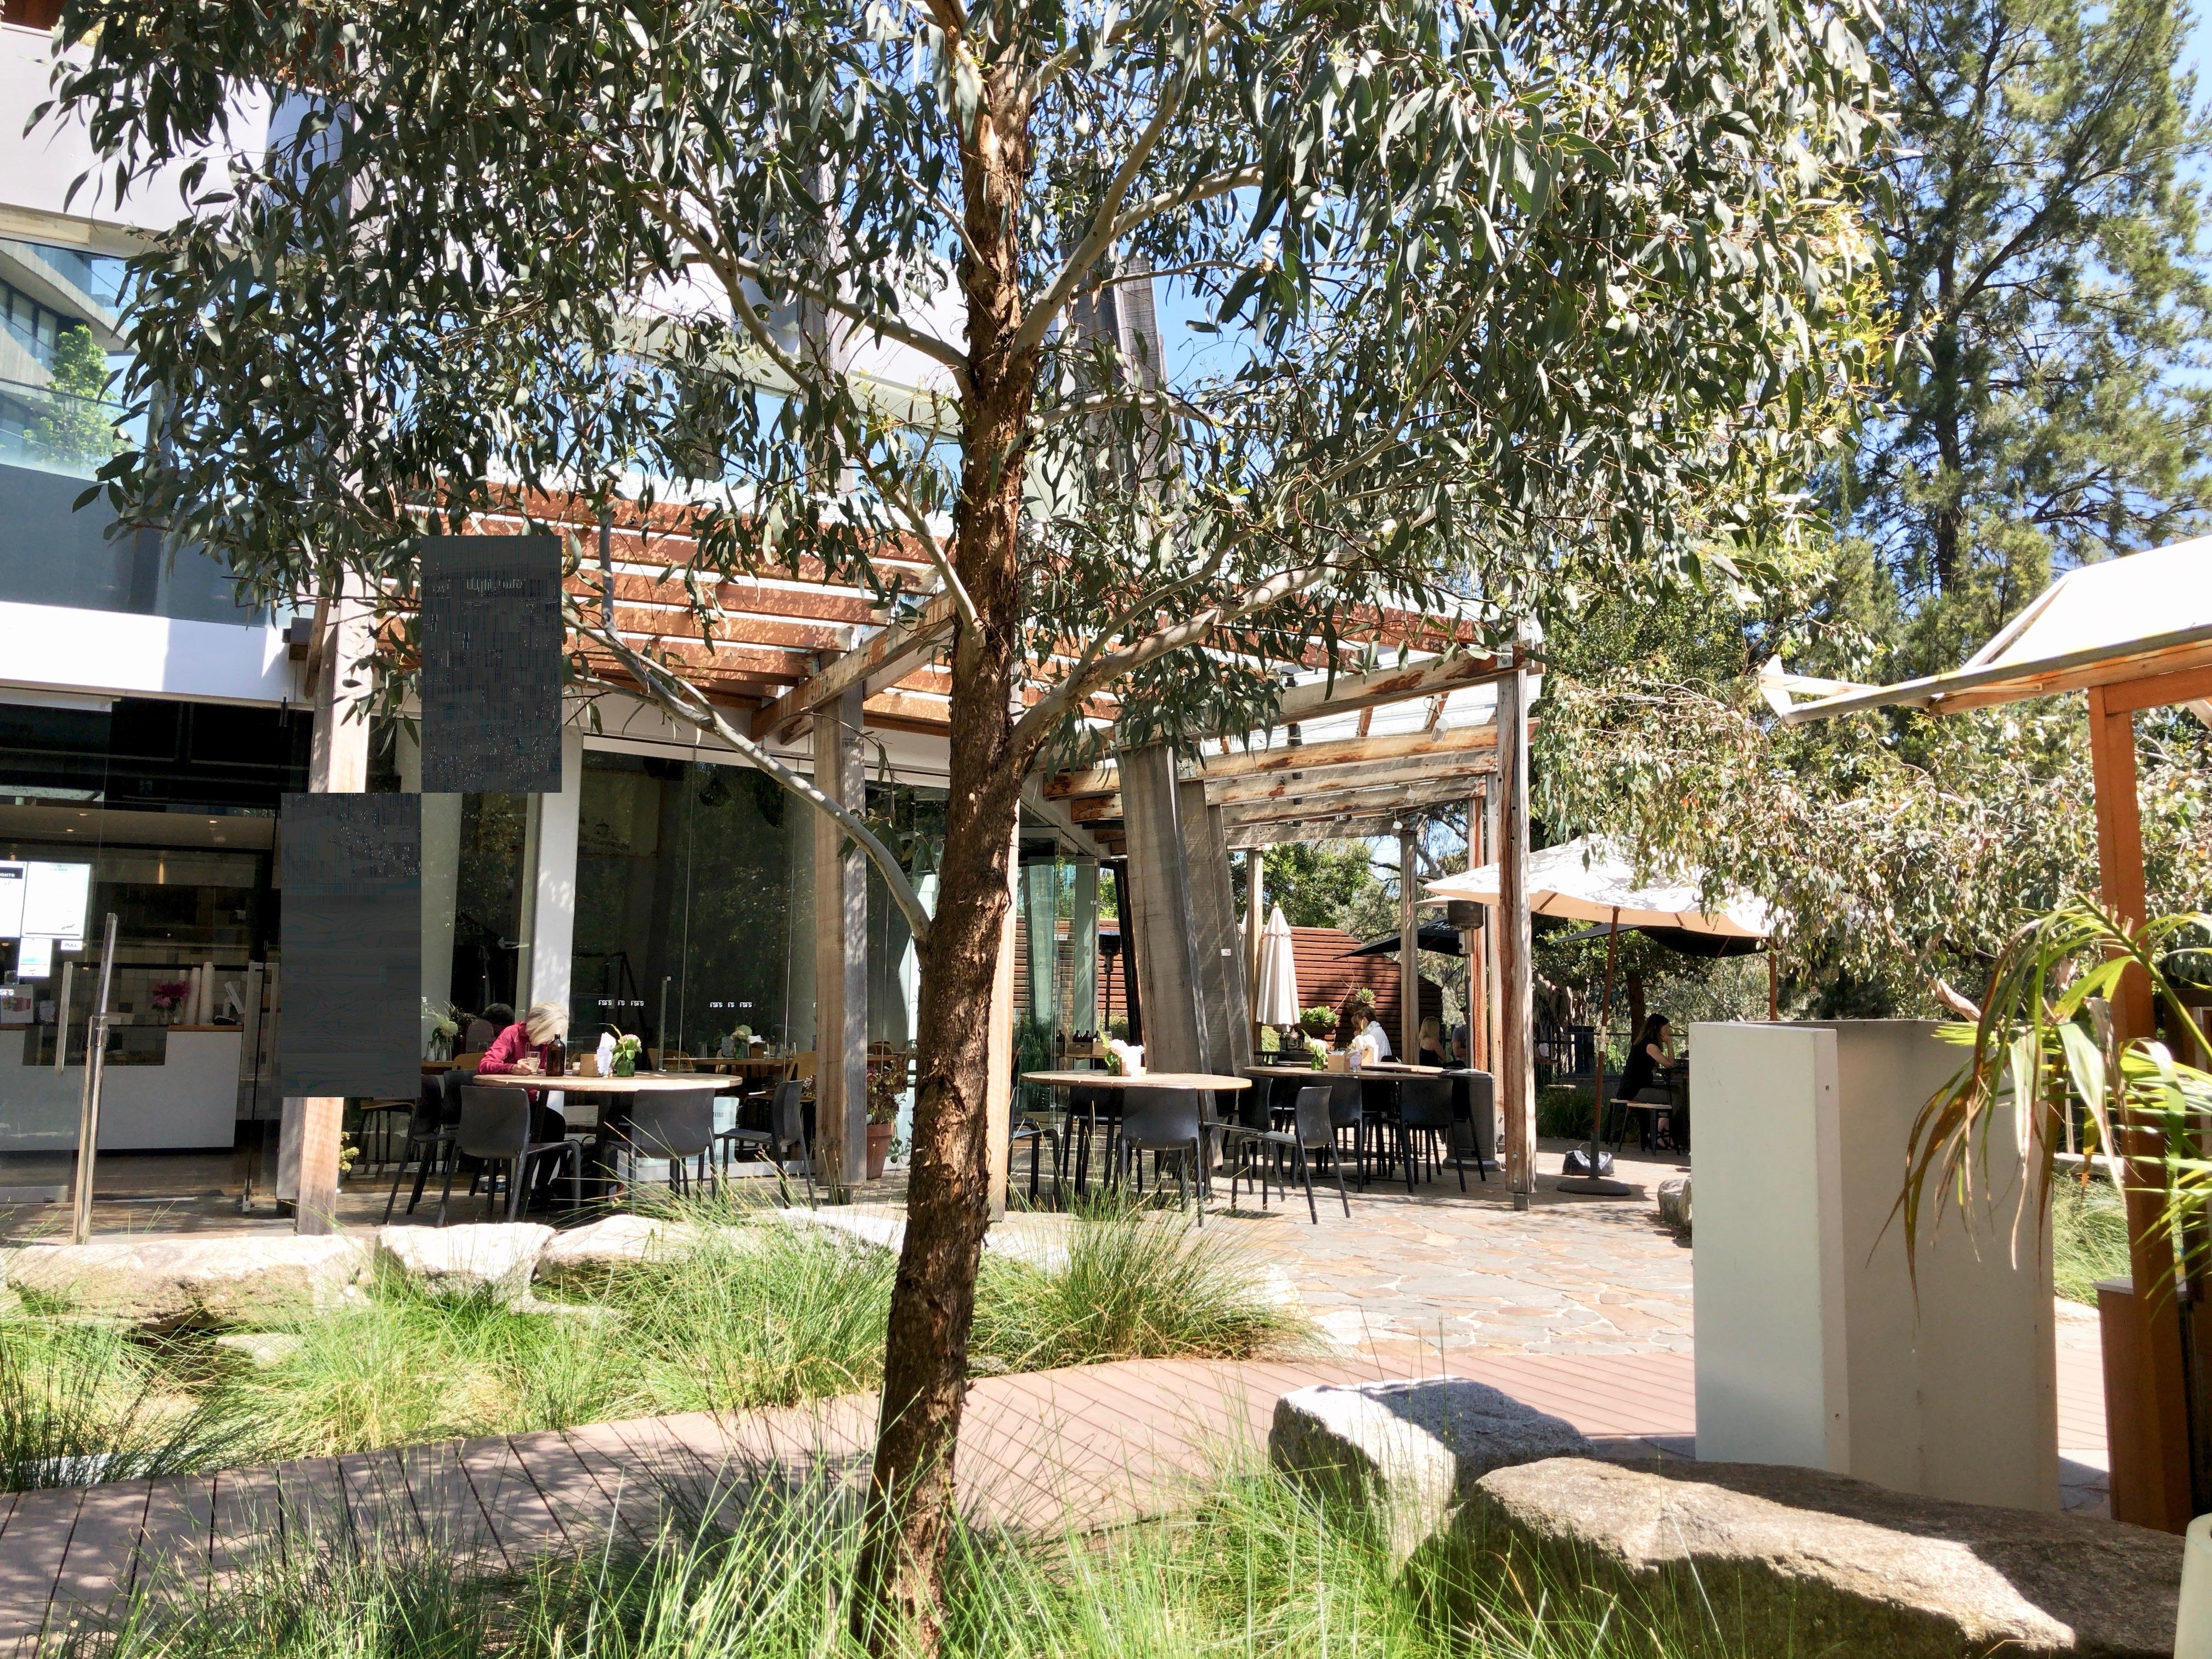 メルボルン,中心,オーストラリア,一人旅,女性,カフェ,おしゃれ,キティバーンズ